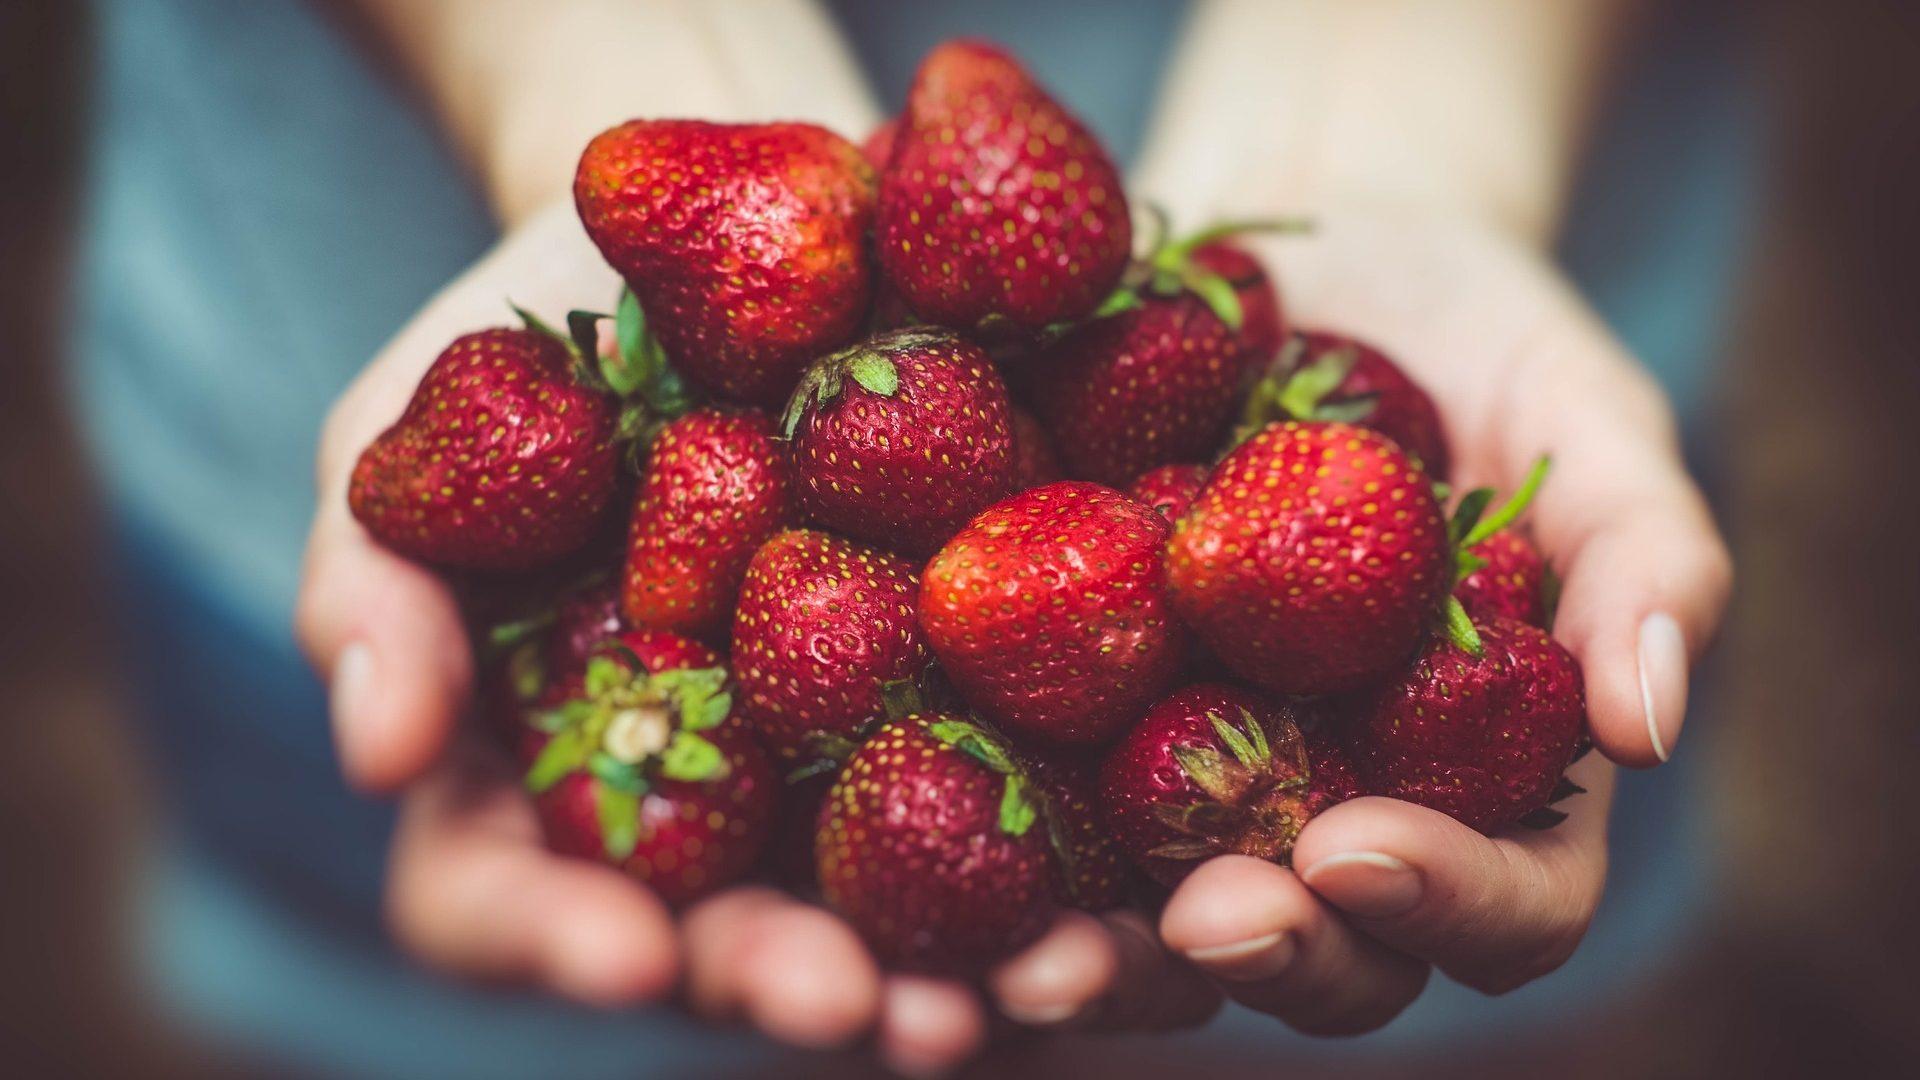 strawberries-1835934_1920